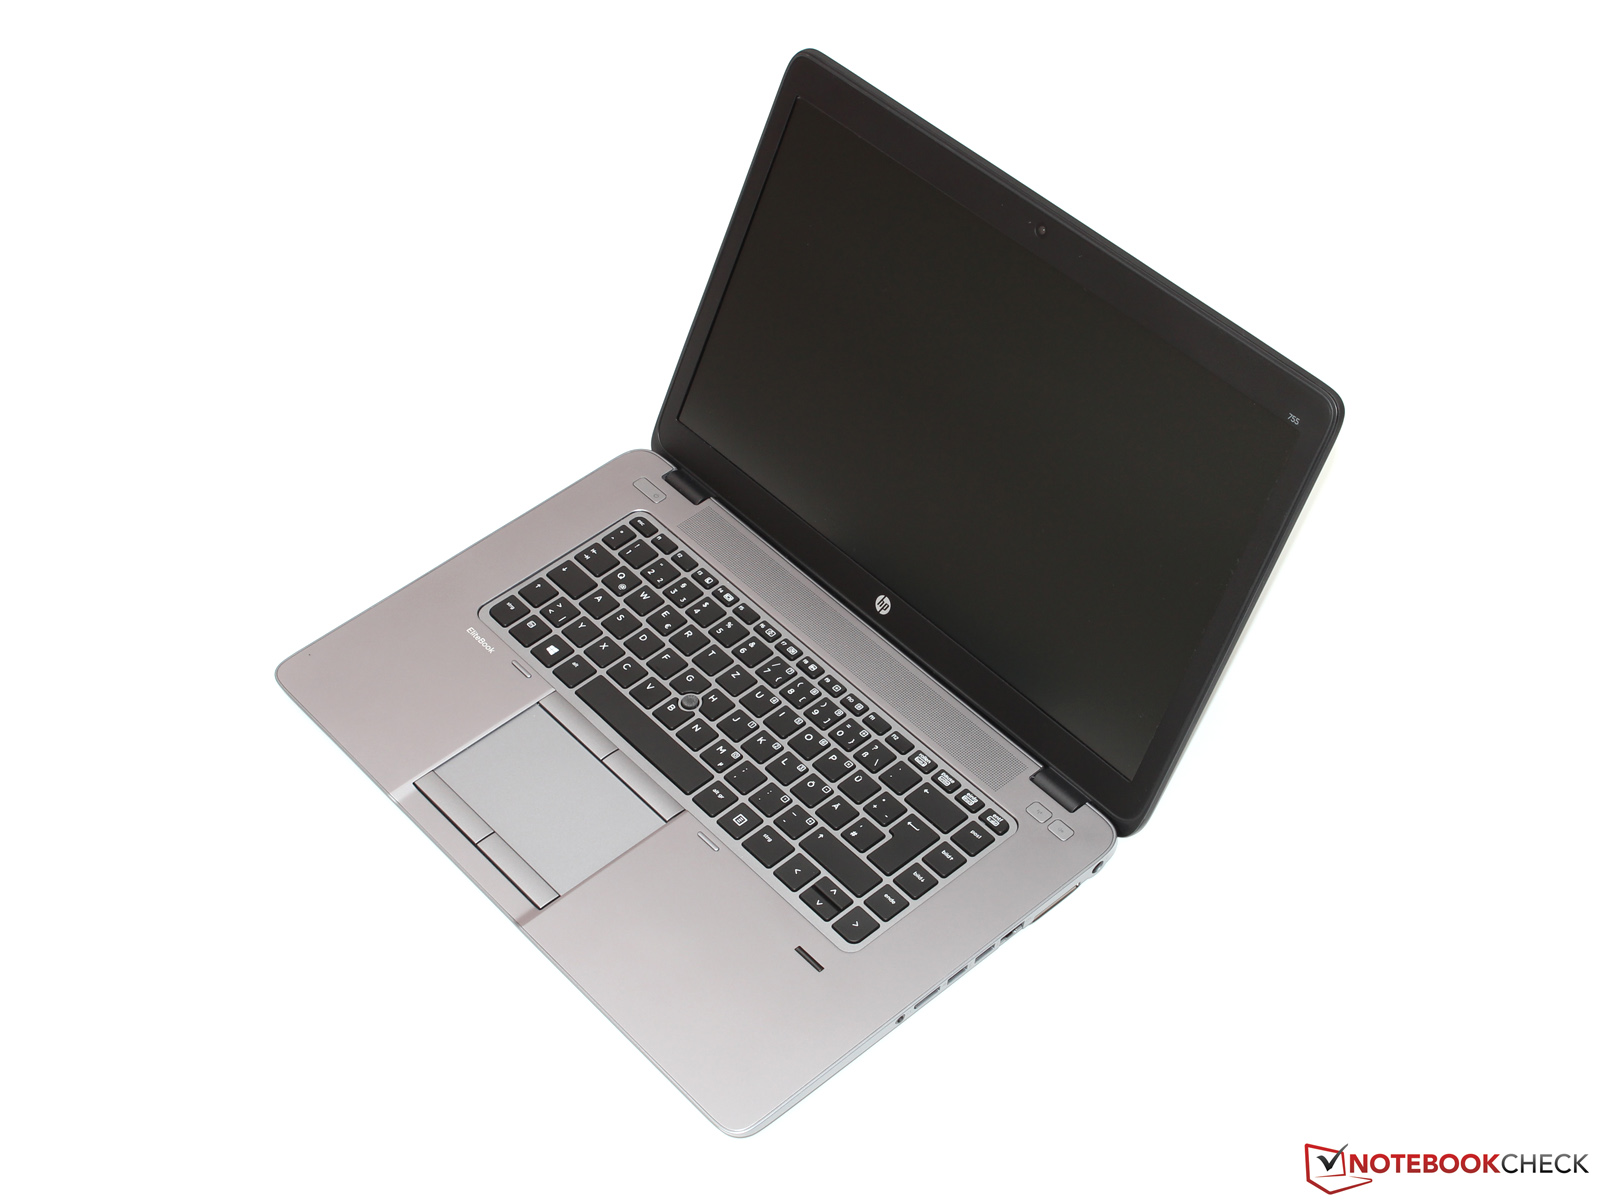 Hp elitebook 850 g2 l8t69es - a8cd